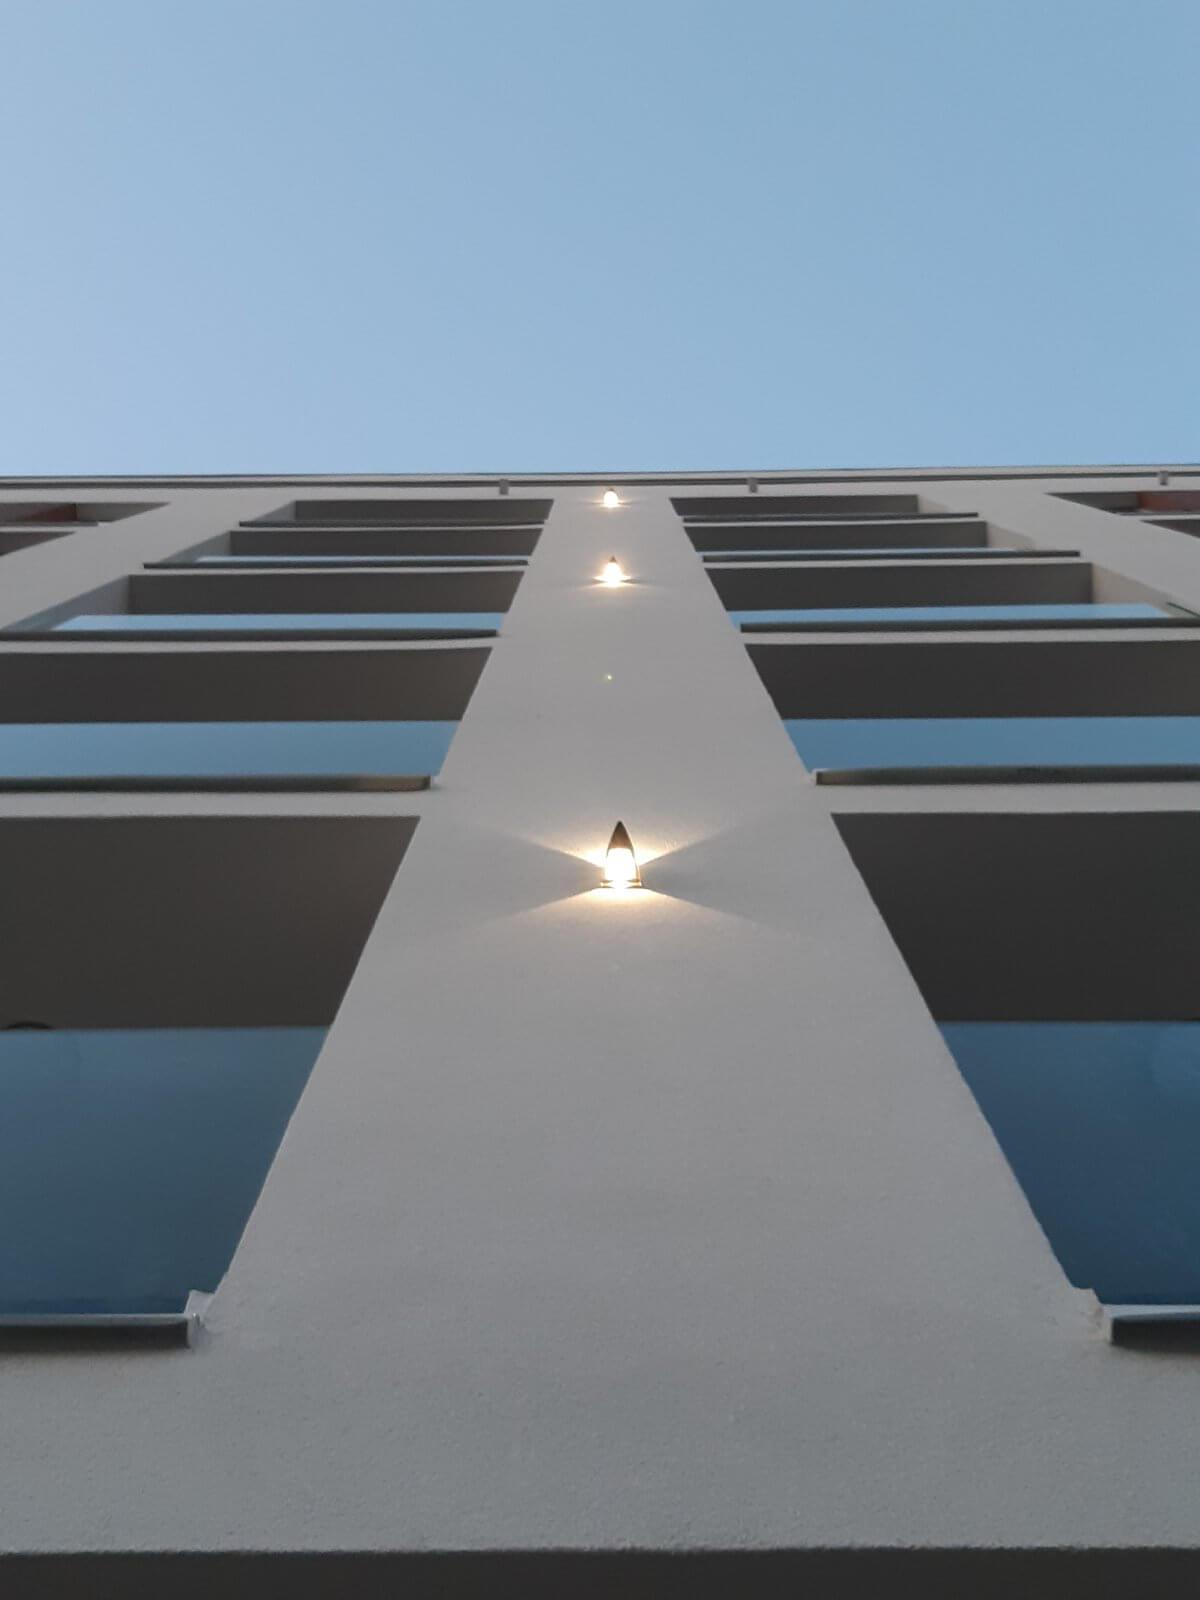 permano-investitor-novogradnja-novisad-prodajastanova-direktno-stan-fasada-clanak-2